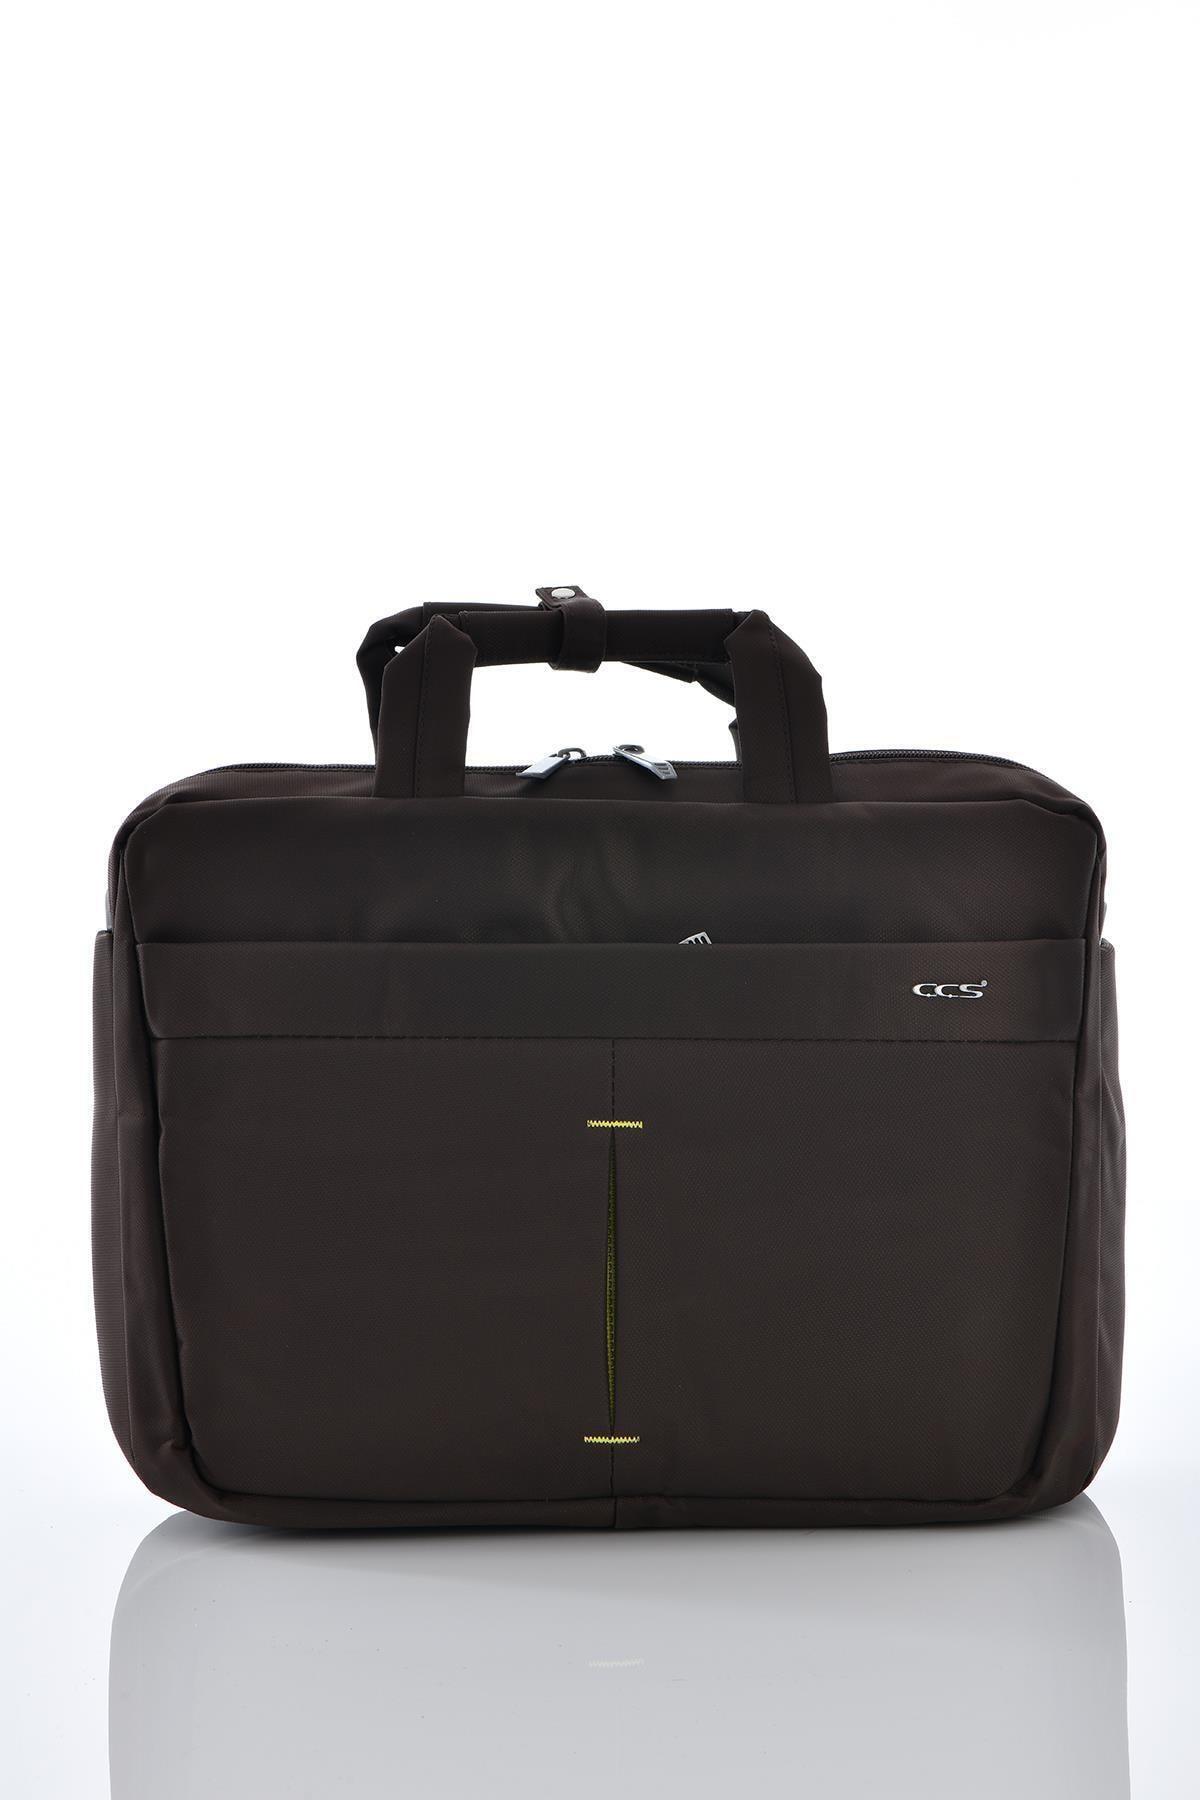 ÇÇS 71340 Laptop Bölmeli Evrak Çantası Kahverengi 1